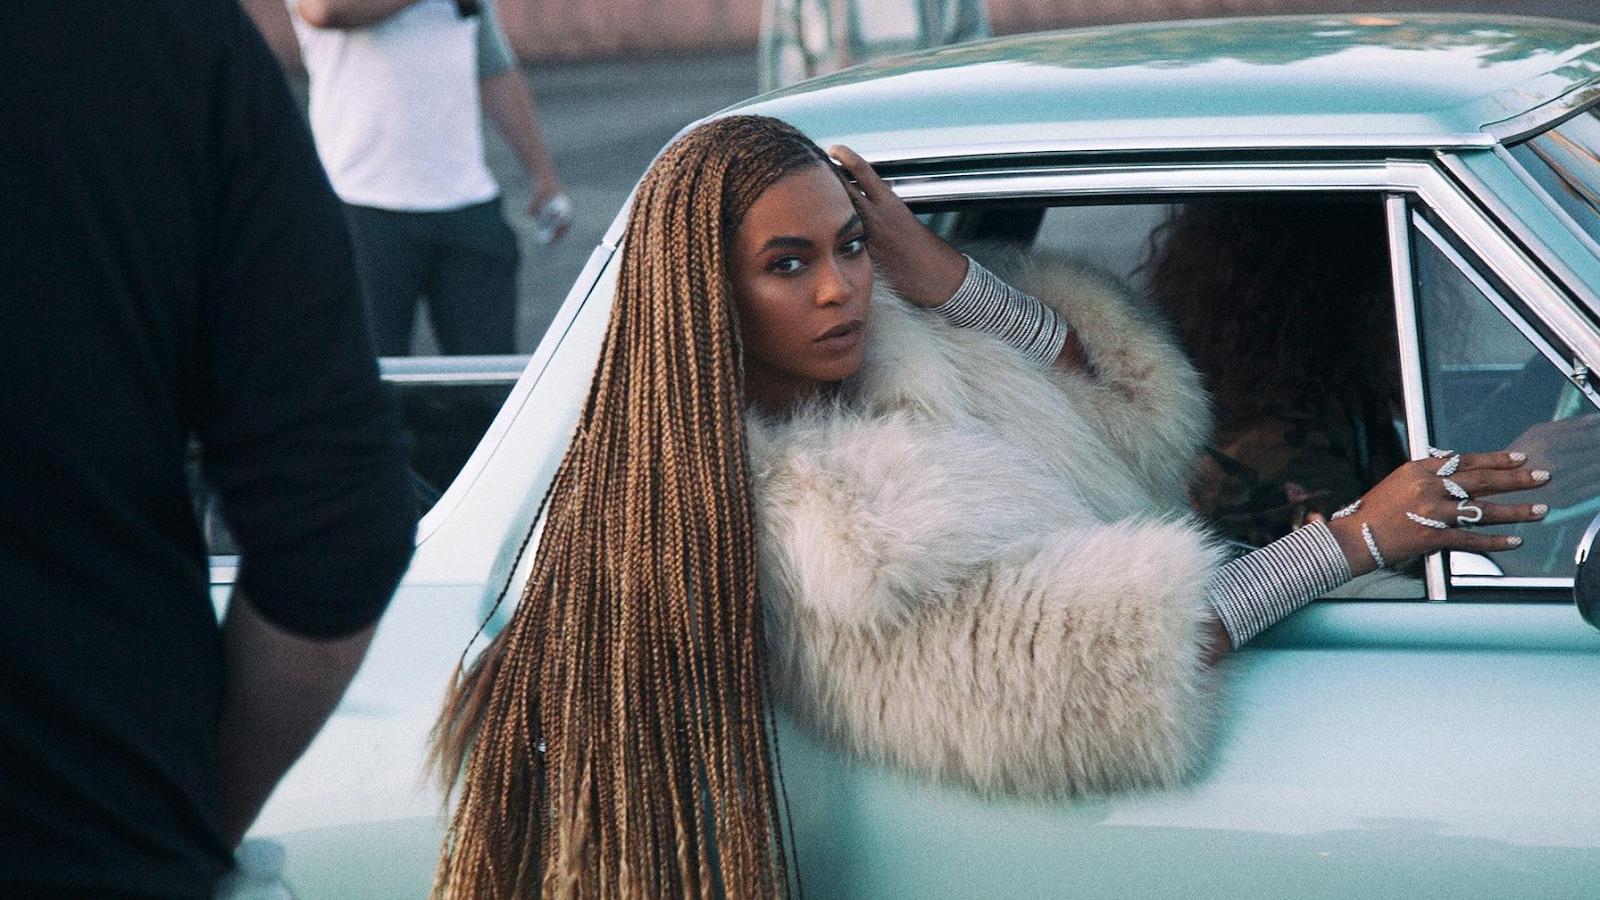 """Do """"To Pimp A Butterfly"""" do Kendrick Lamar à """"Formation"""" da Beyoncé, há algo grande acontecendo na indústria."""